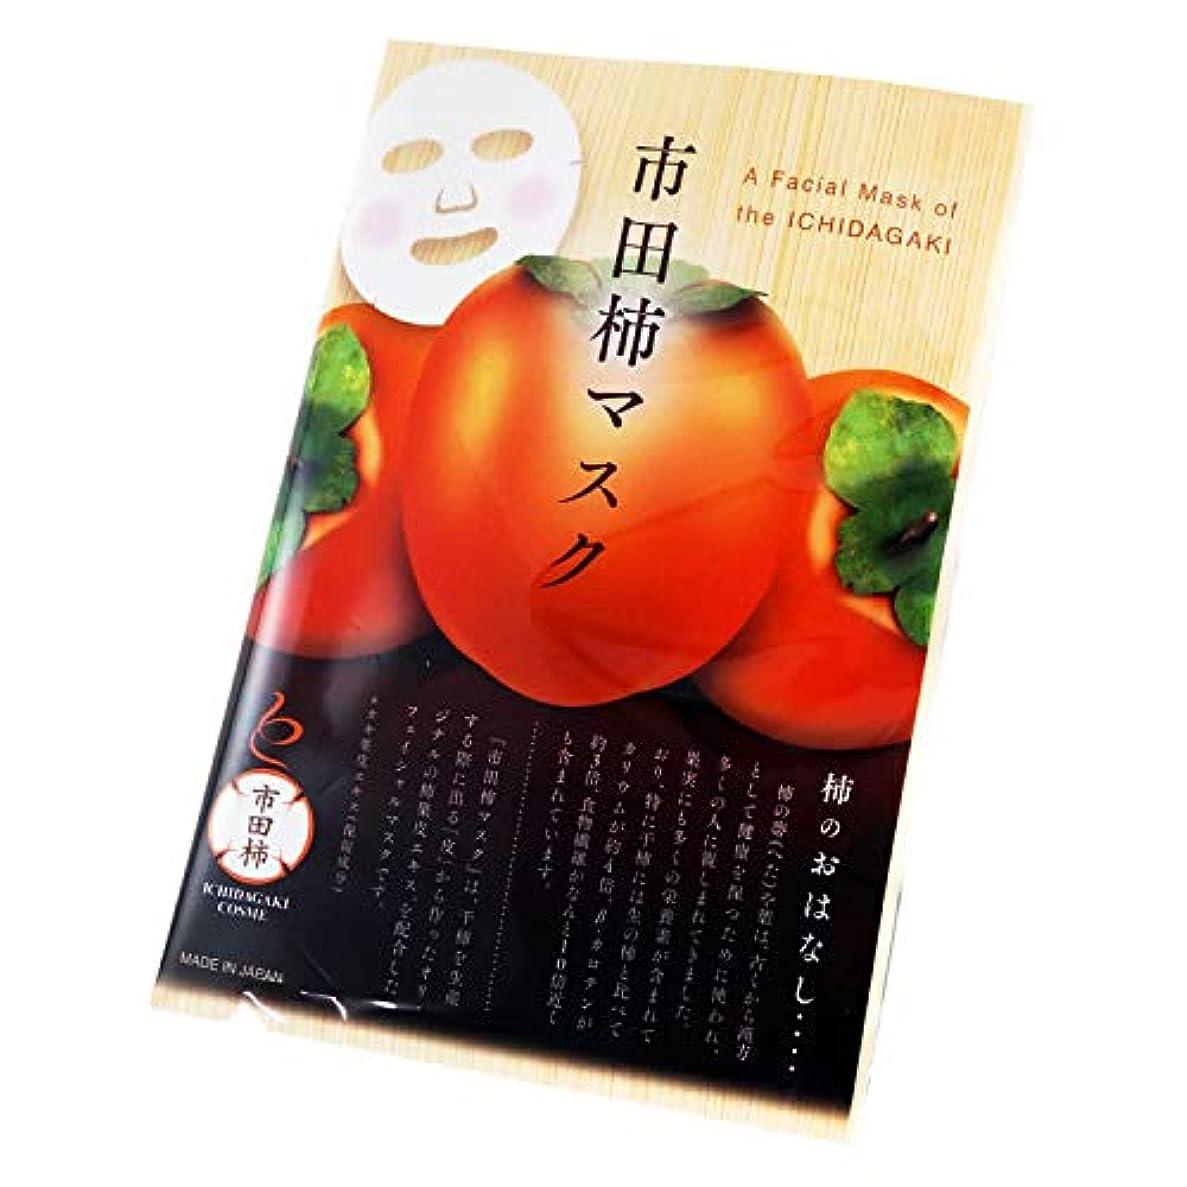 大胆不敵スティーブンソン特権市田柿コスメ フェイスマスク 1枚